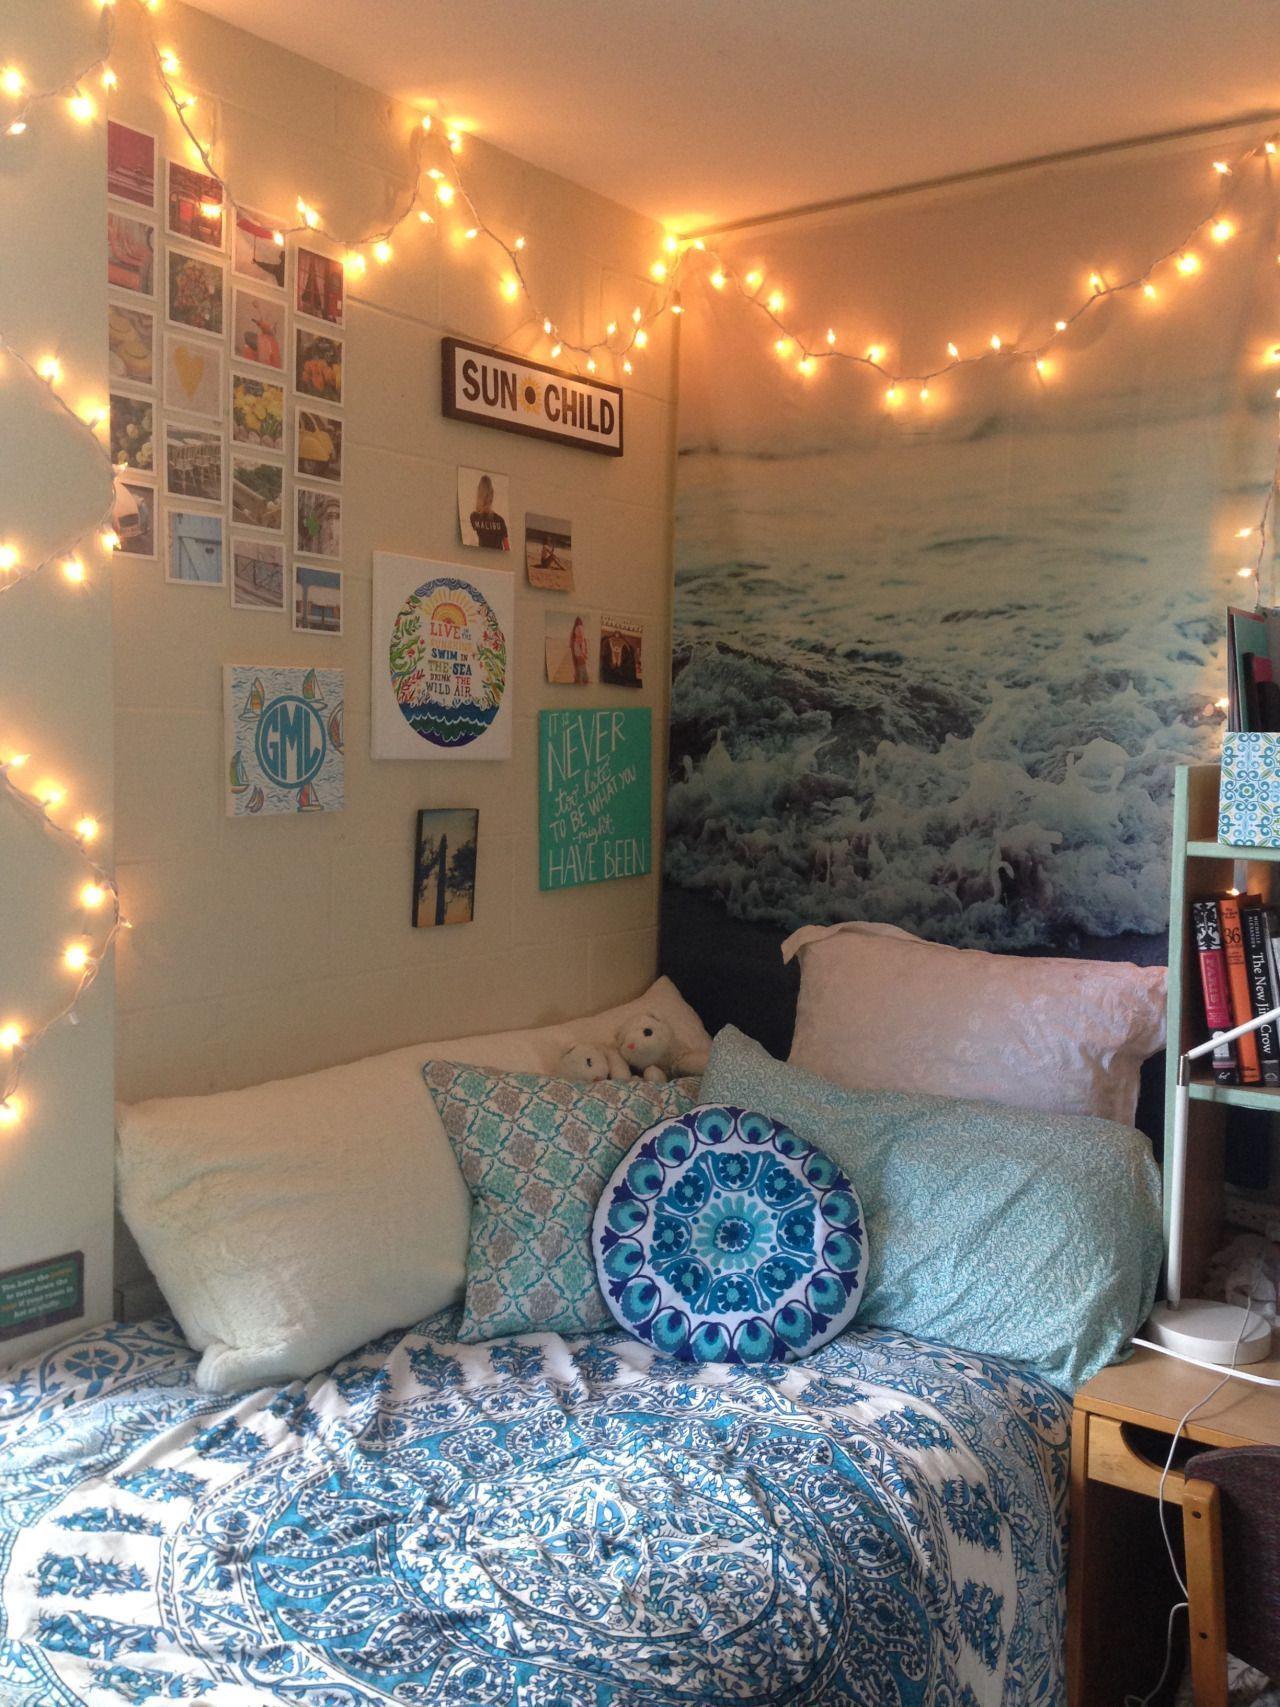 45 bedroom ideas tumblr teenagers fairy lights https